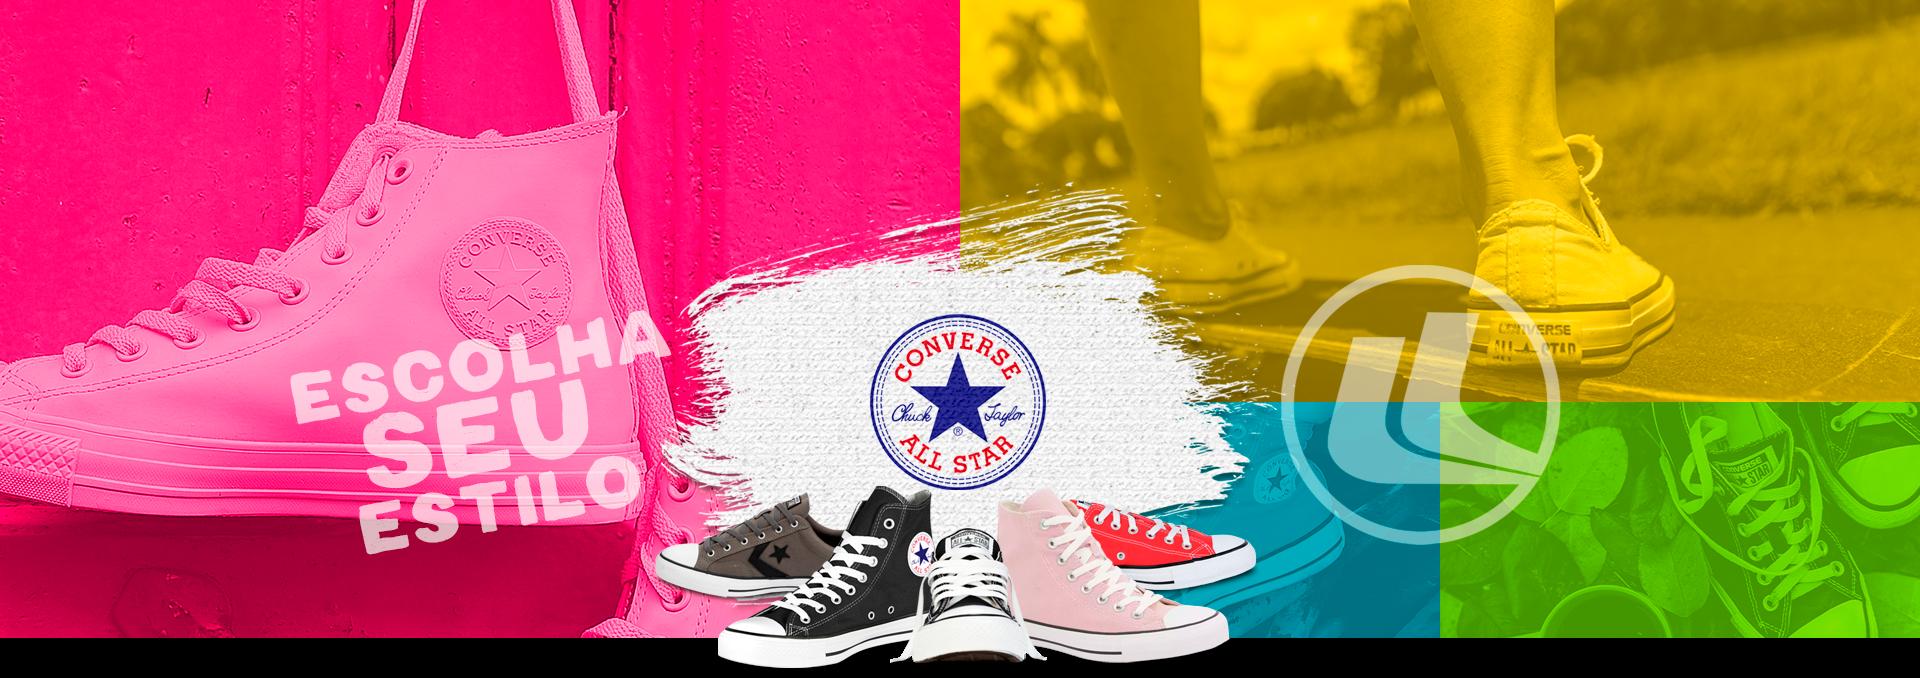 Converse All Star - Escolha seu estilo